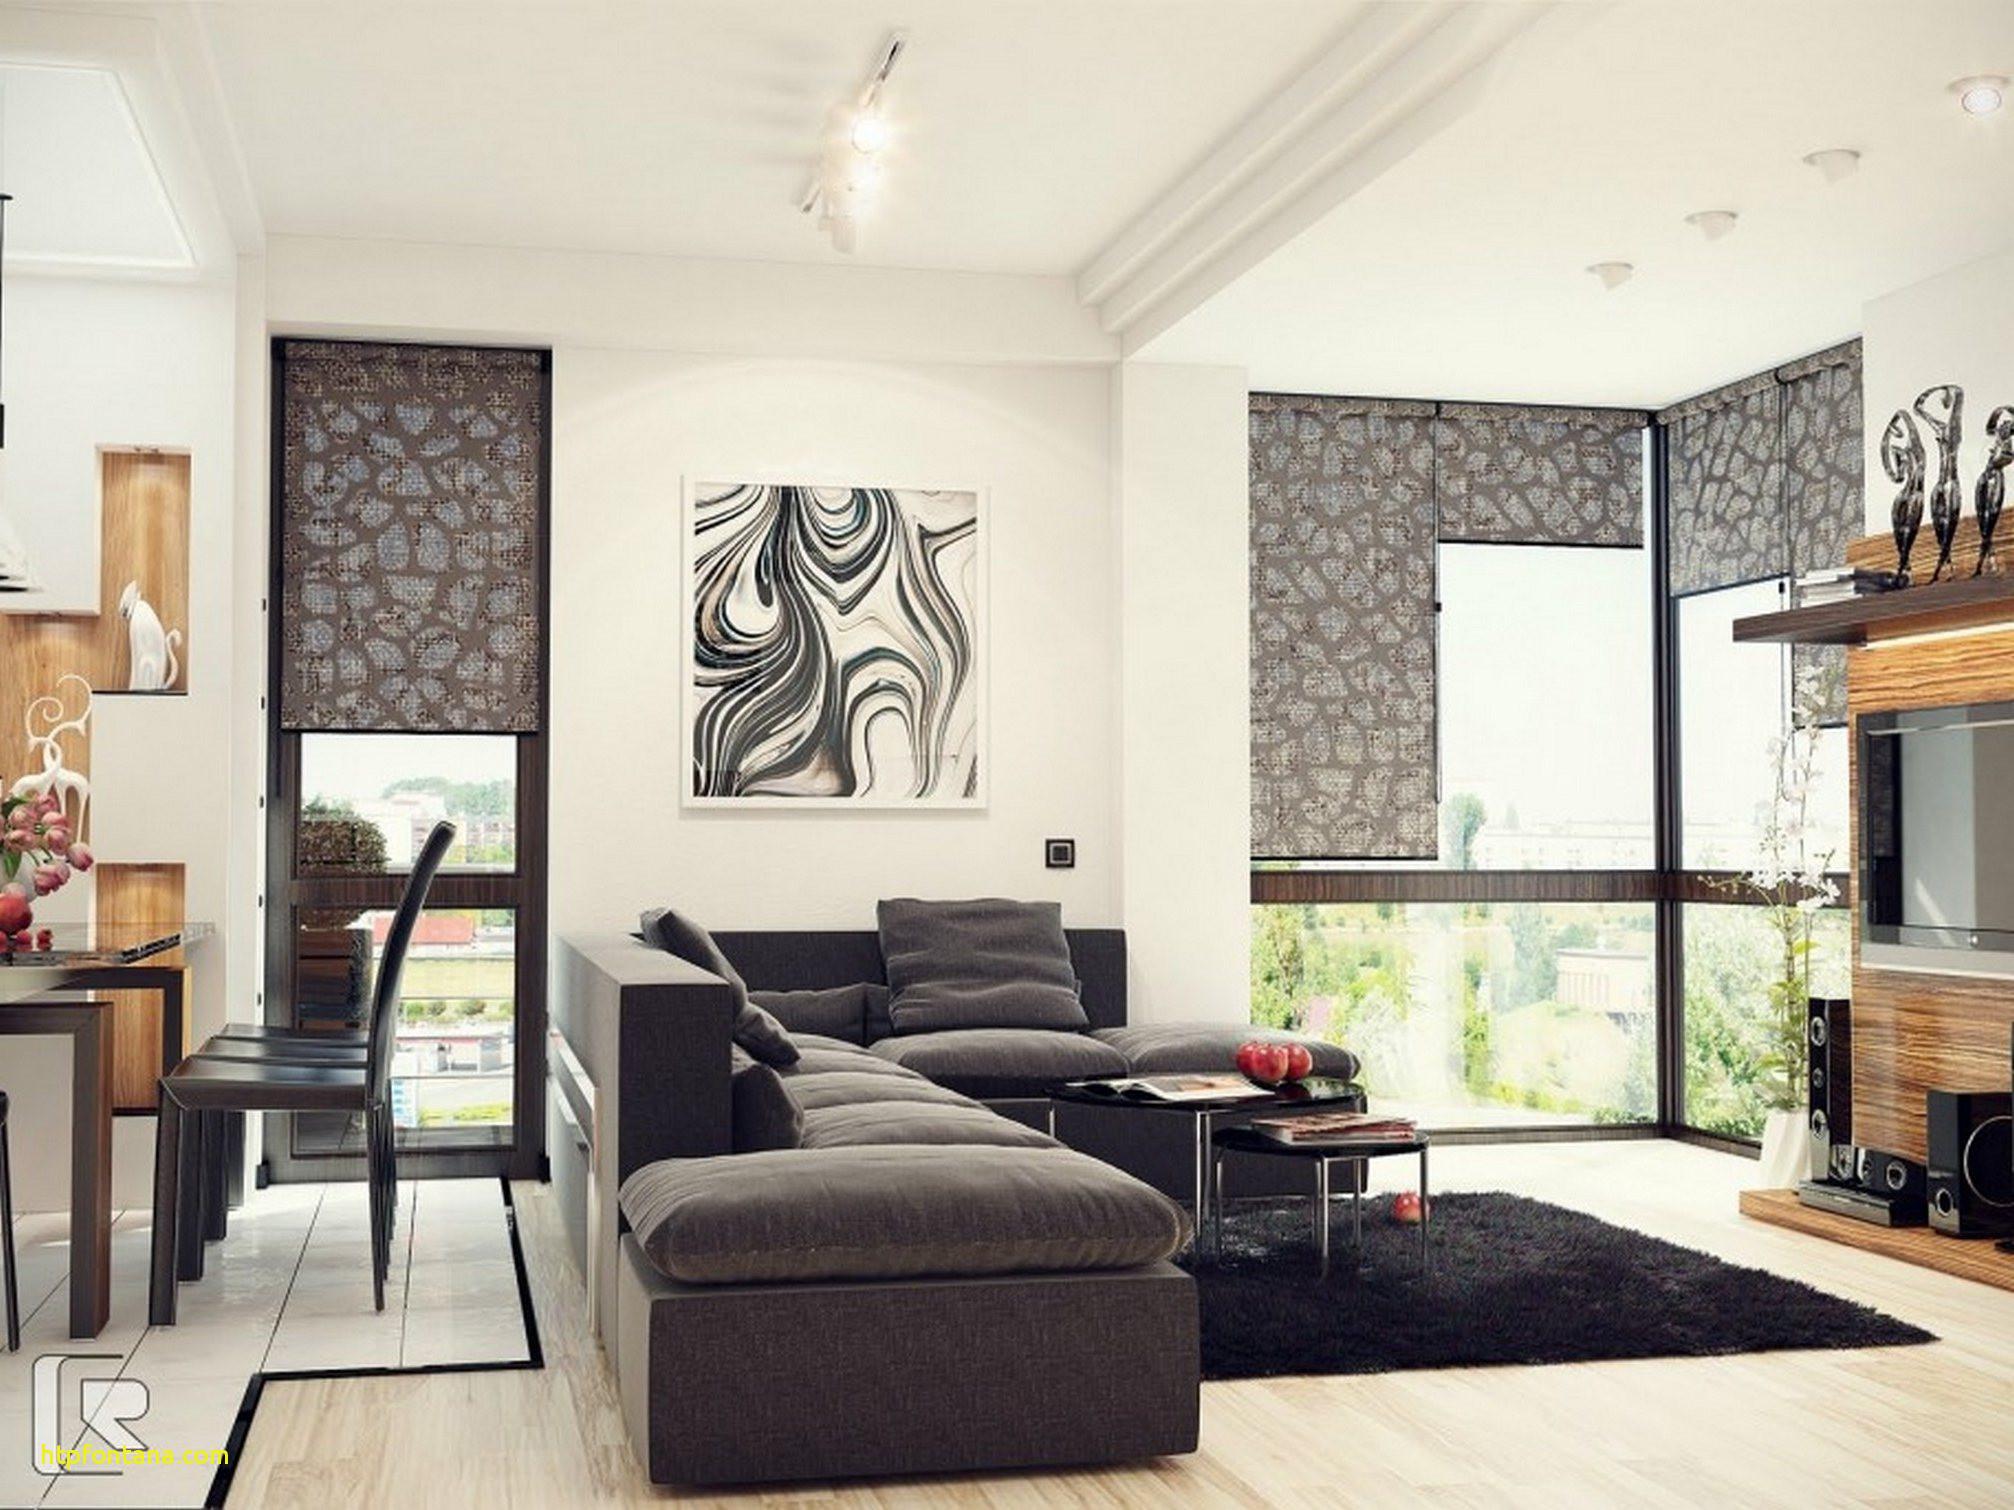 Modern Style Easy Living Room Design - HD Wallpaper